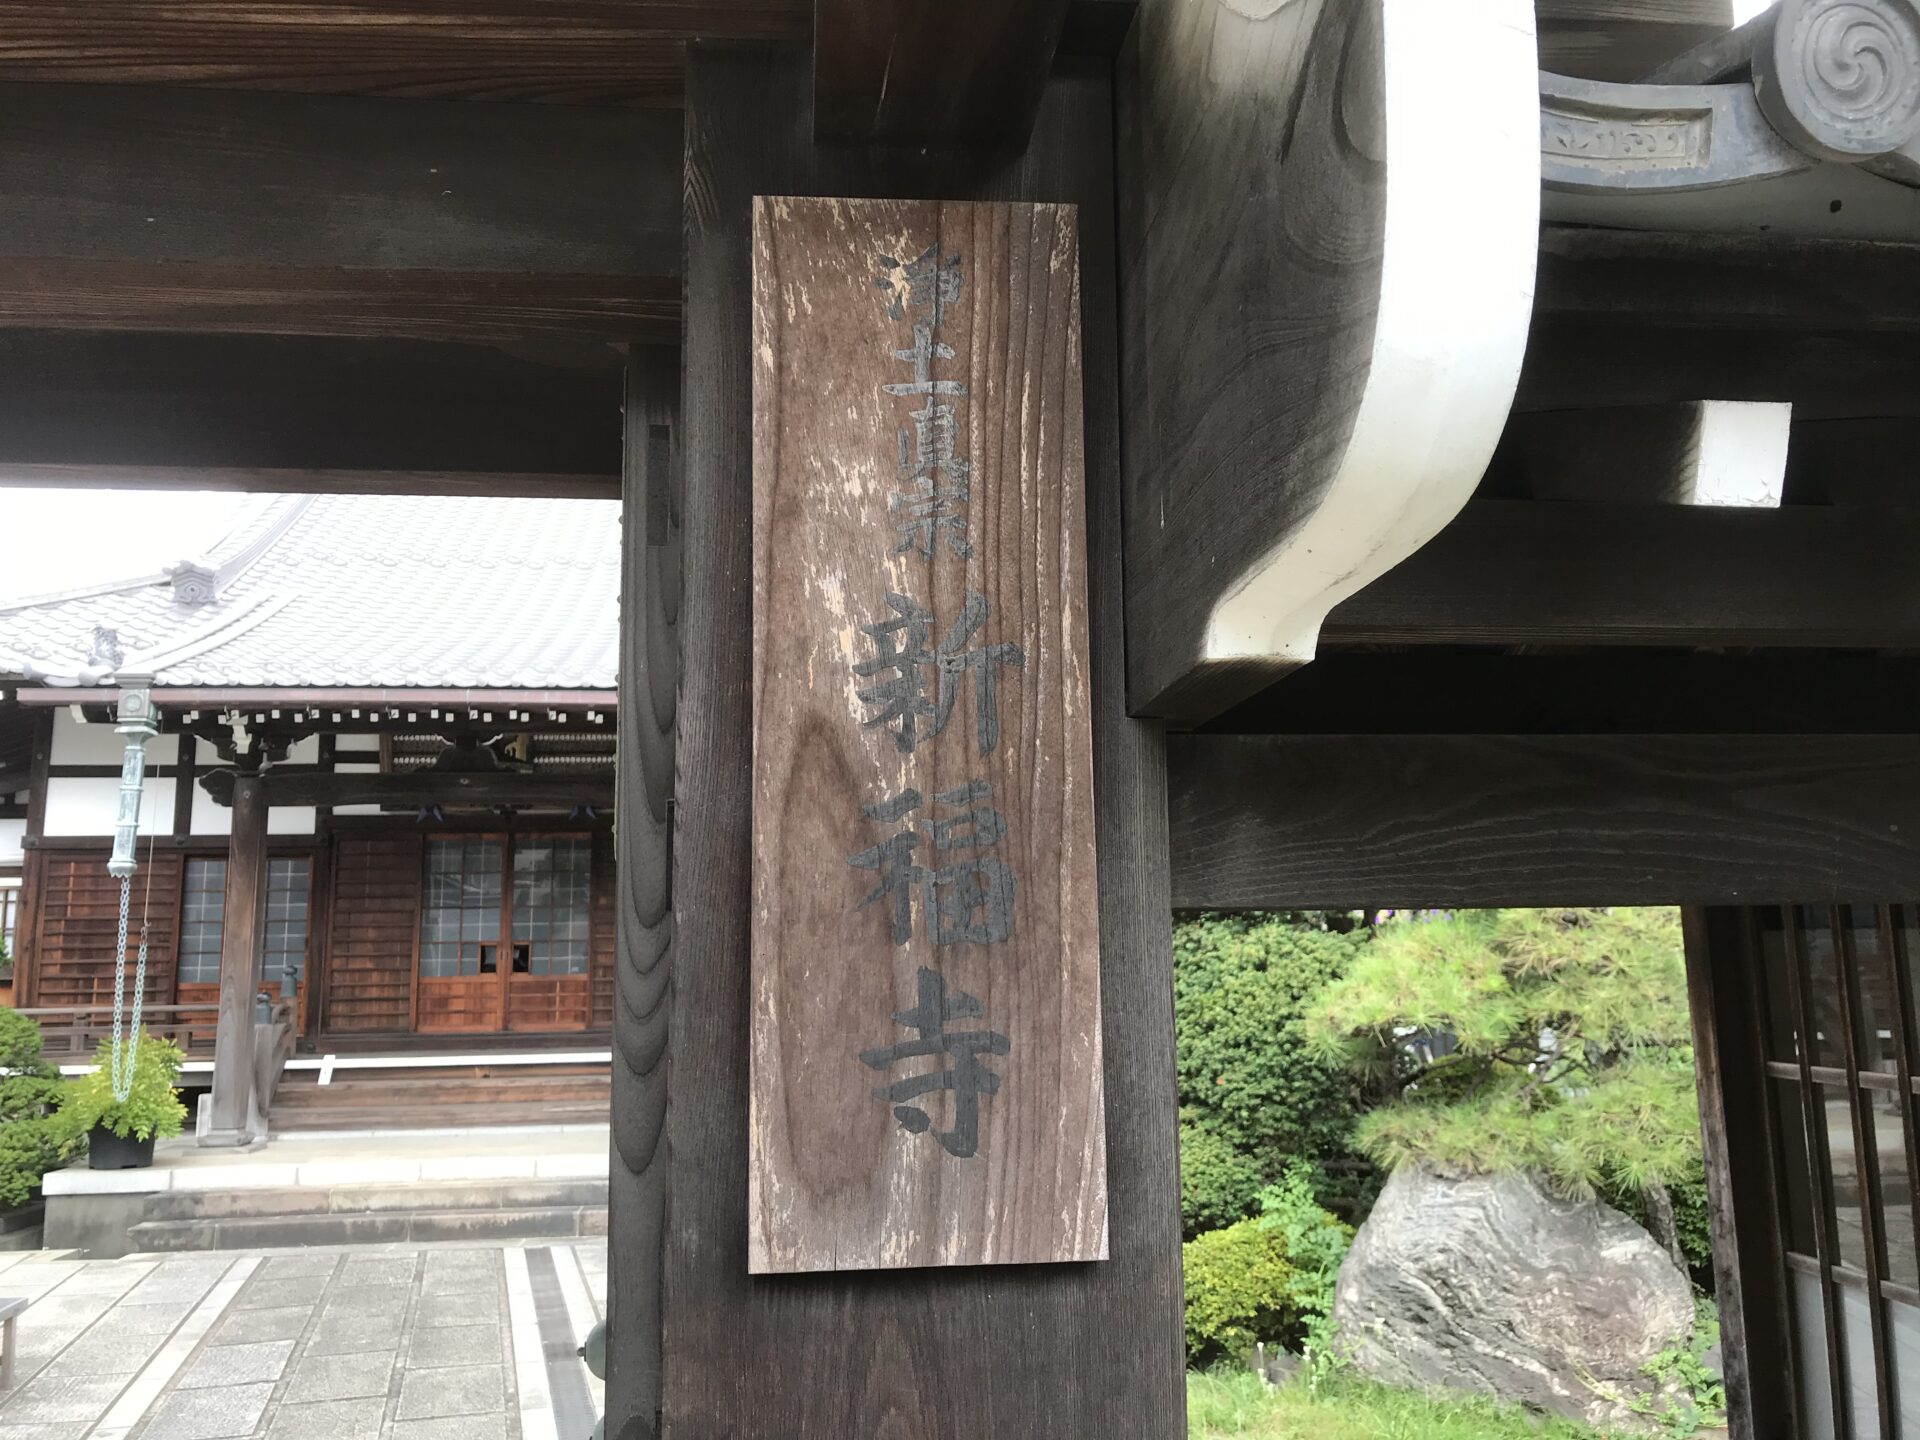 東京街歩き:夏目漱石旧居跡巡り(猫の家など) - ふじ・ふじブログ